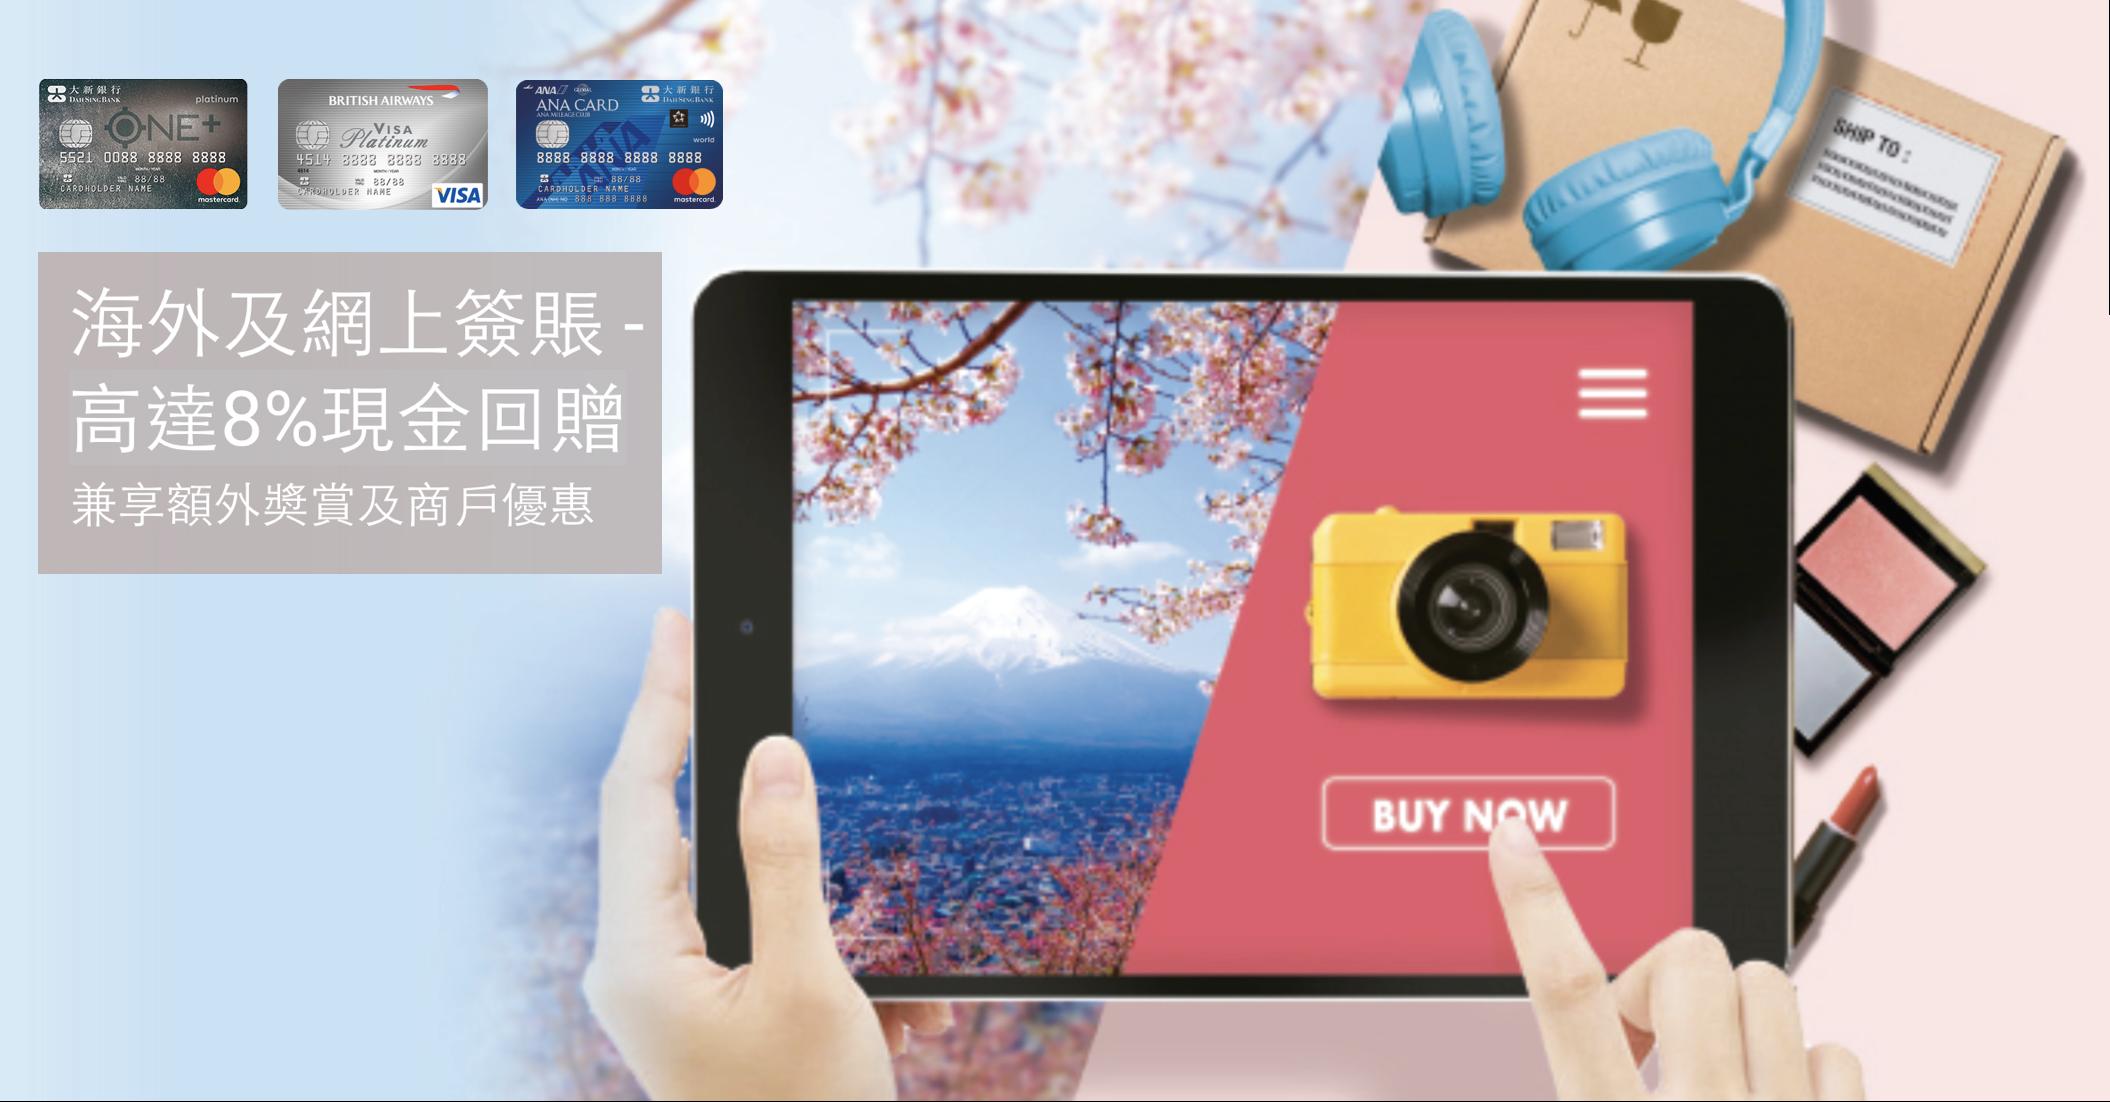 大新信用卡高達海外簽賬及網上簽賬8%現金回贈!一路去到今年年底12月31日都有呀!